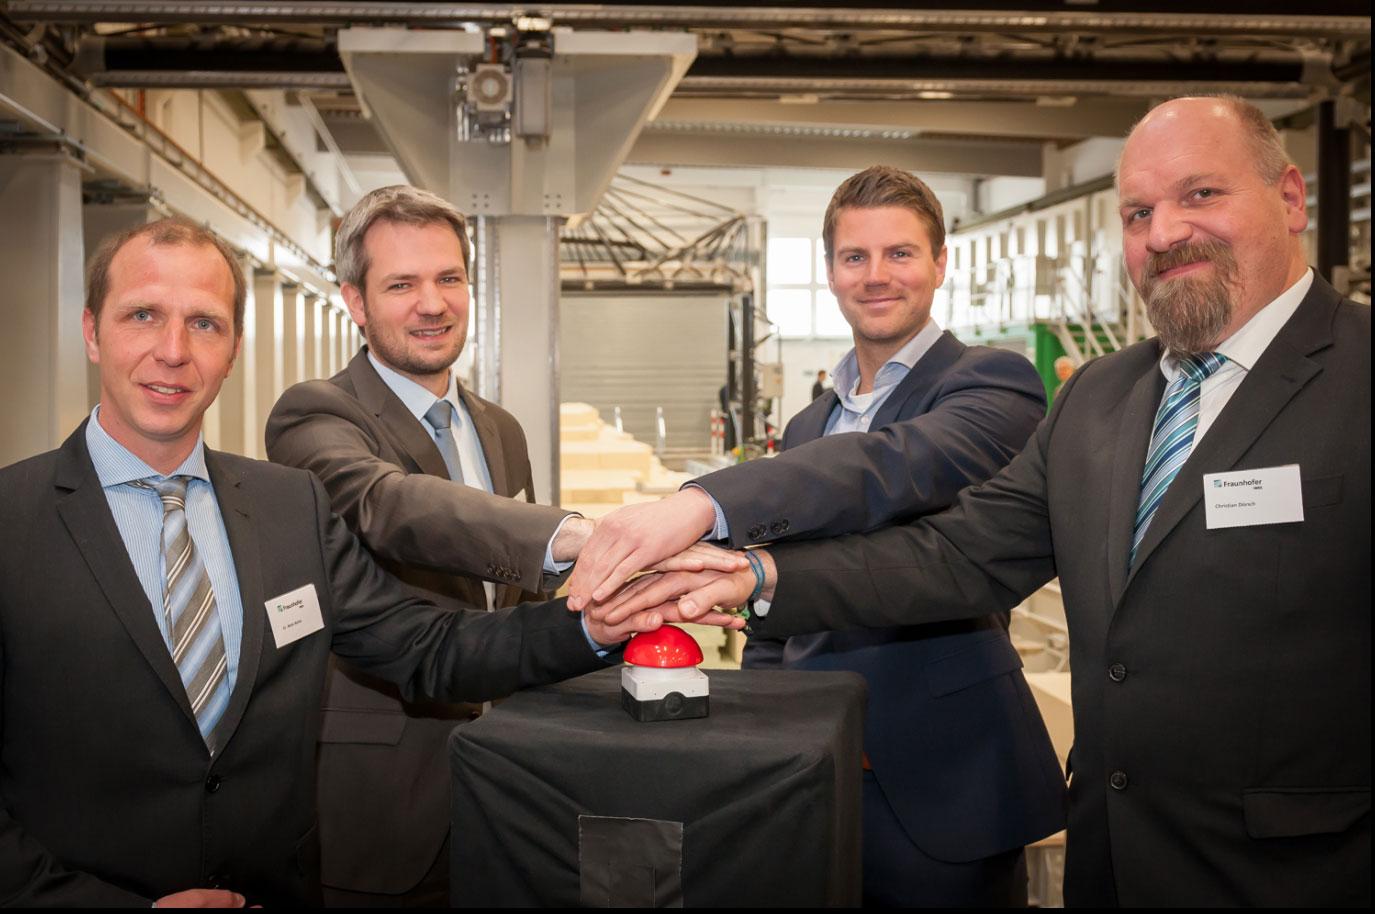 Umstellung von Manufaktur auf Industrieproduktion wird getestet - Fertigungszentrum für Rotorblätter eröffnet / Pressebild